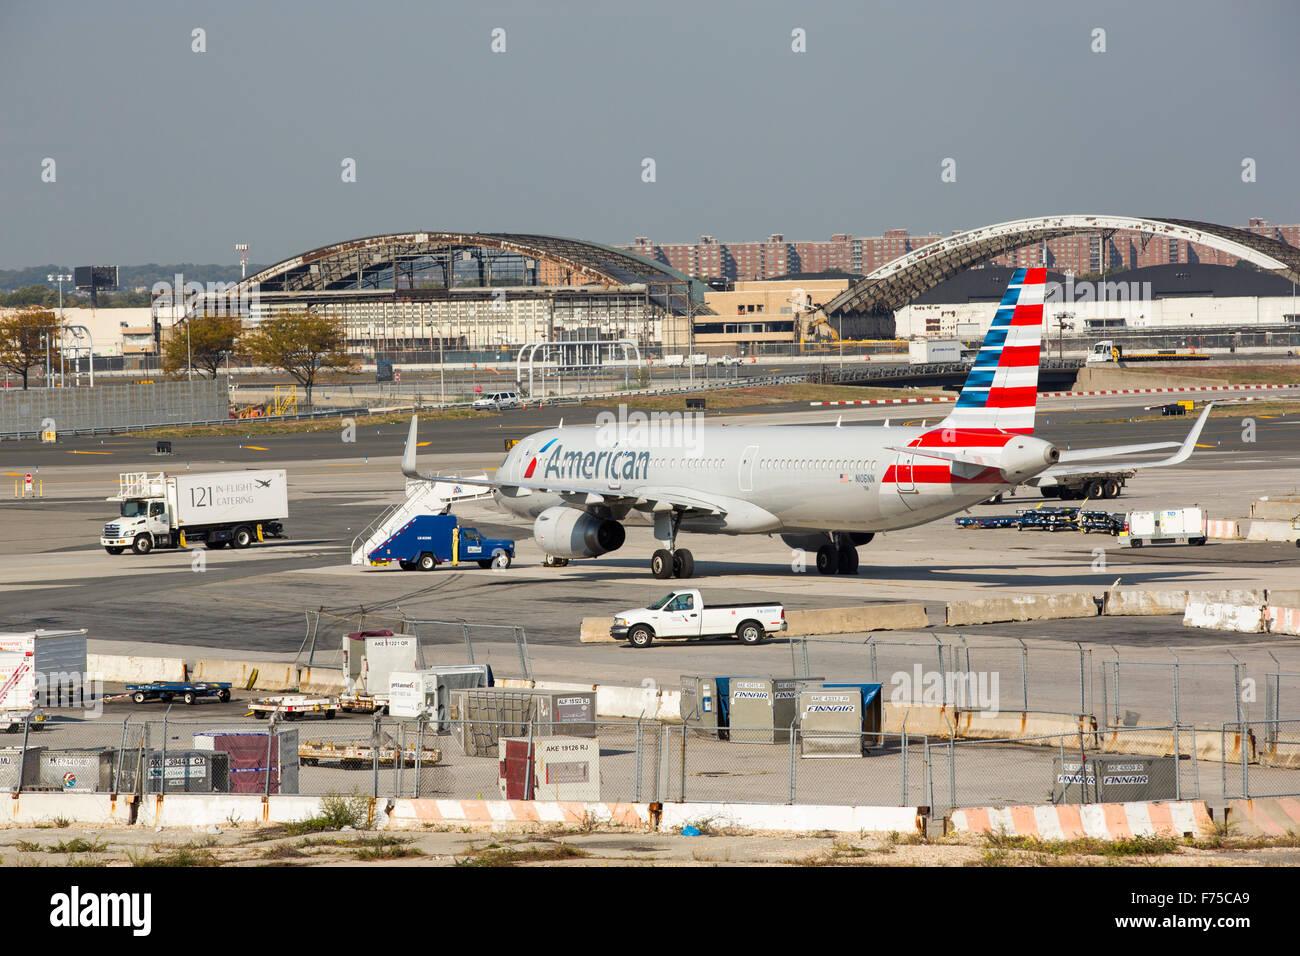 Aeroporto Jfk : Um avião e restos de veículo no aeroporto jfk em nova york eua foto